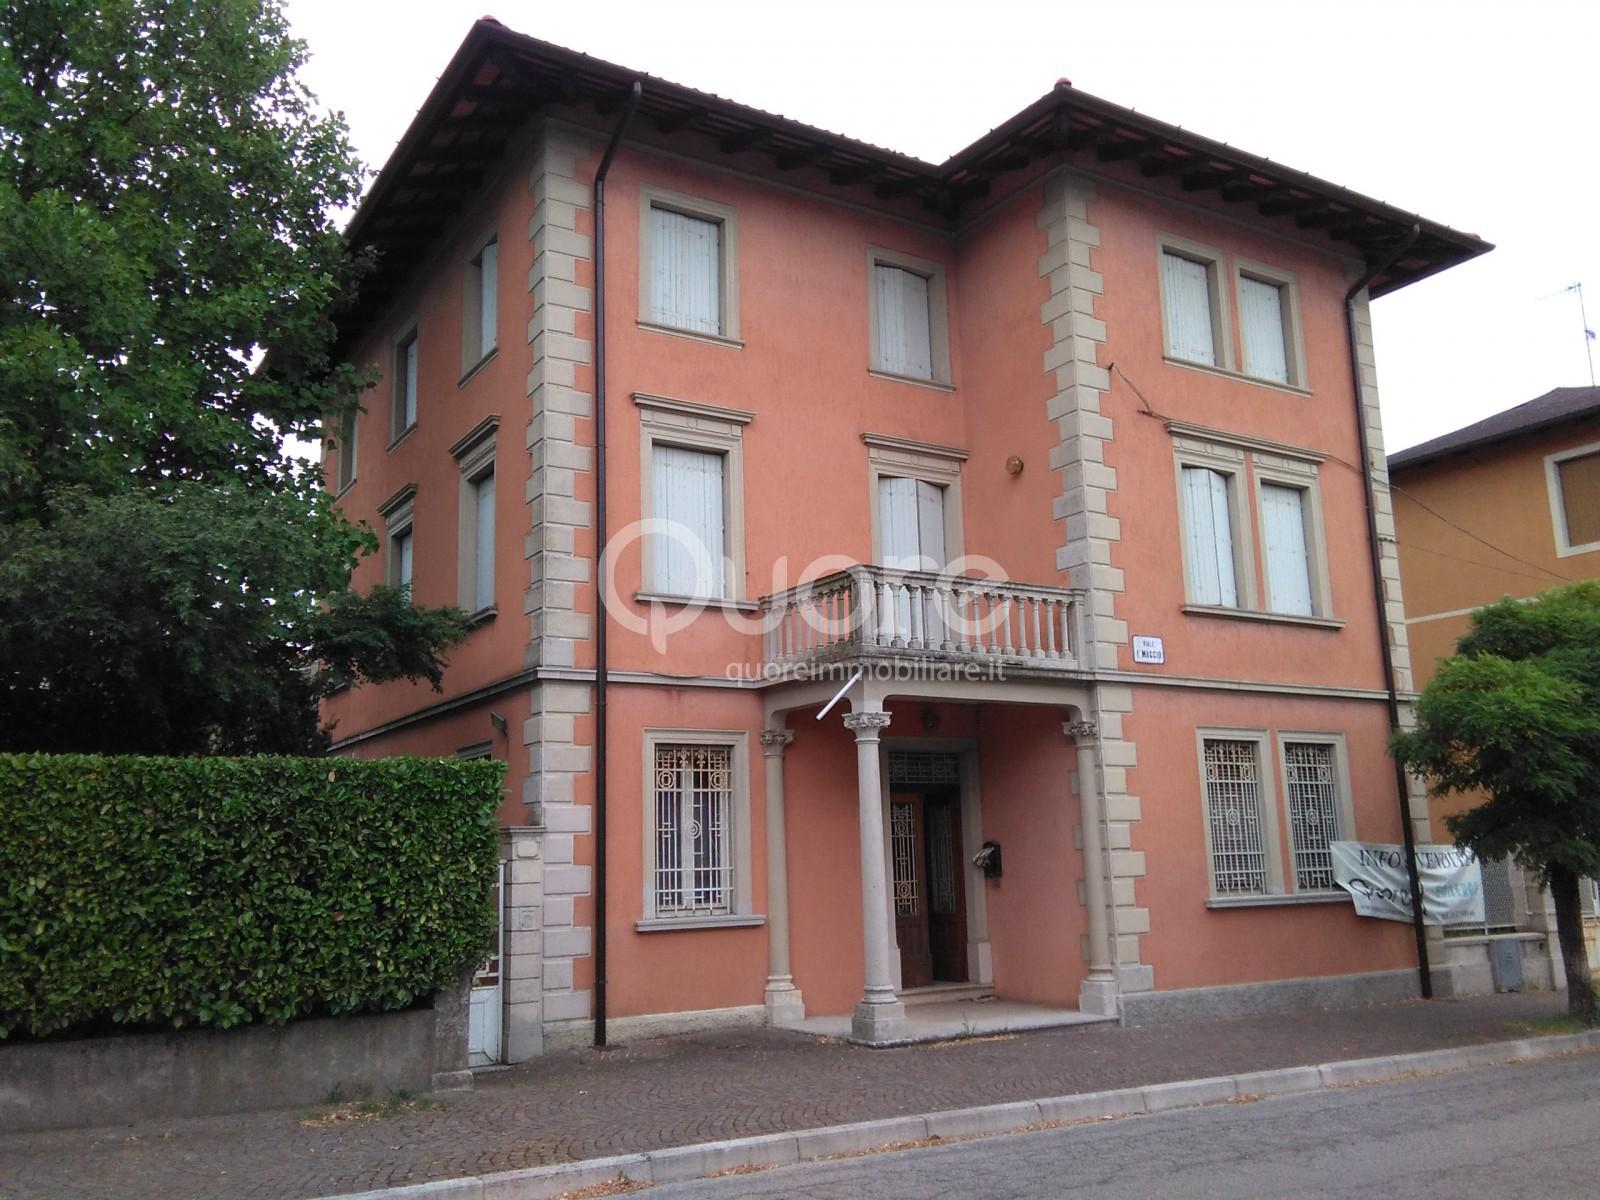 Ufficio / Studio in vendita a Tricesimo, 9999 locali, prezzo € 75.000 | Cambio Casa.it